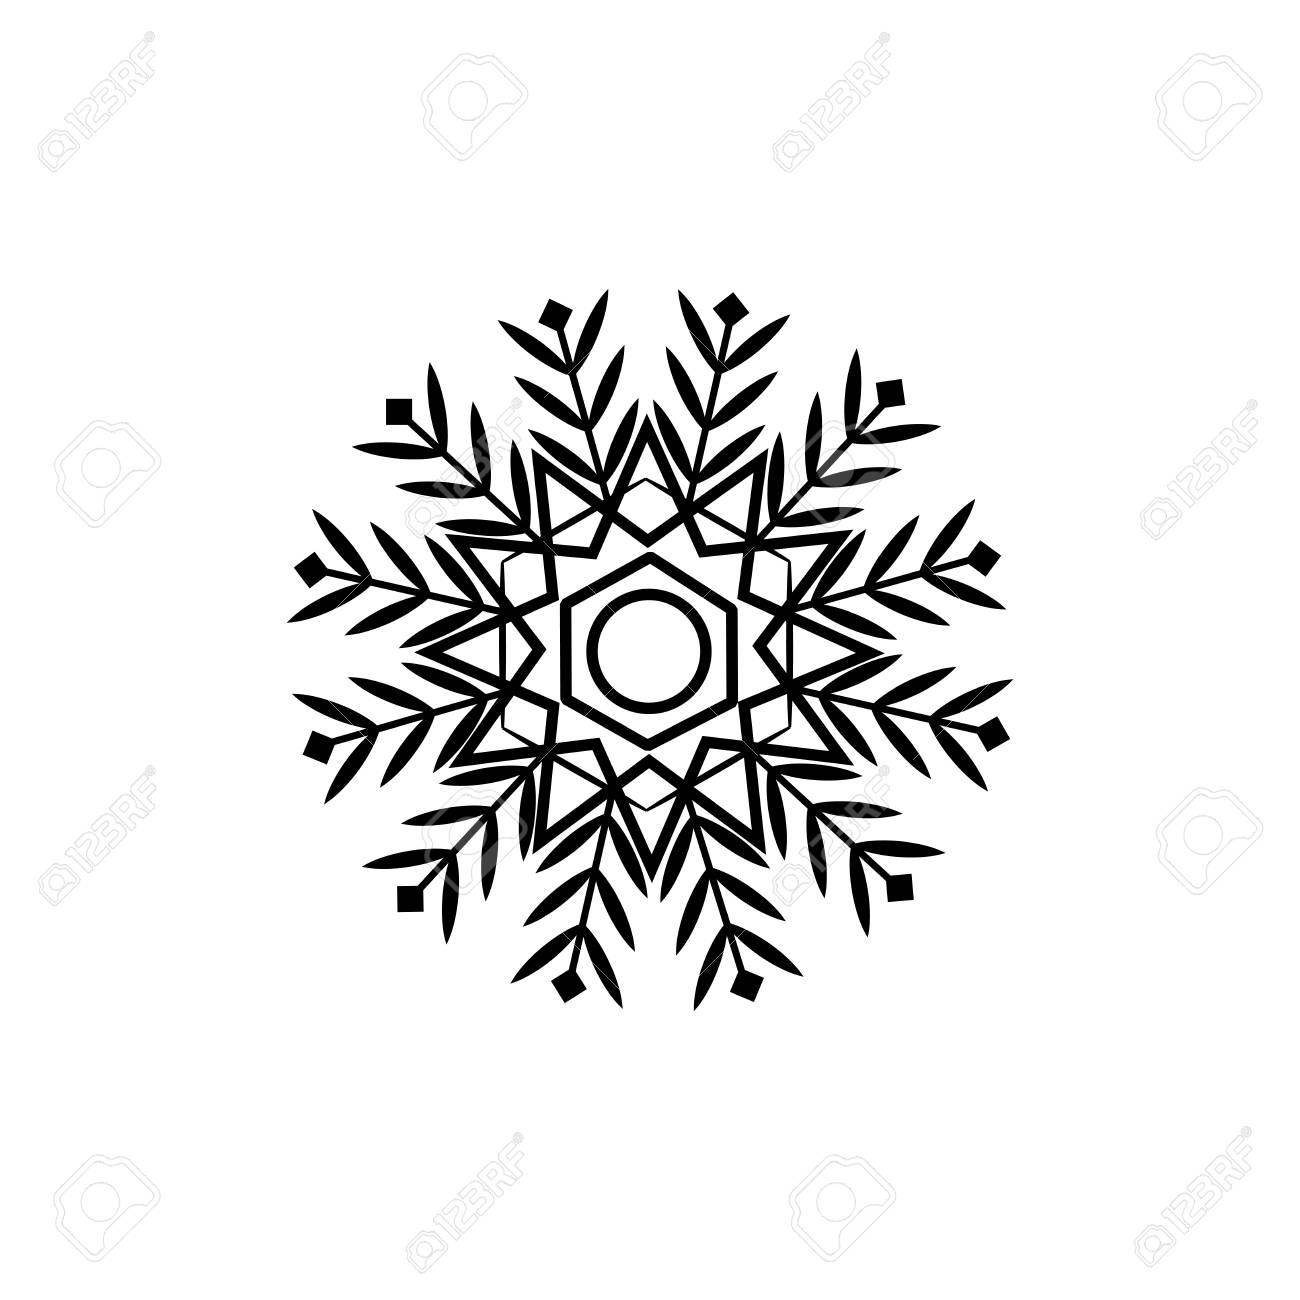 Disegno Nero Su Bianco.Segno Di Fiocco Di Neve Sagoma Fiocco Di Neve Disegno Nero Su Sfondo Bianco Simbolo Delle Festivita Natalizie Modello Monocromatico Per Stampe